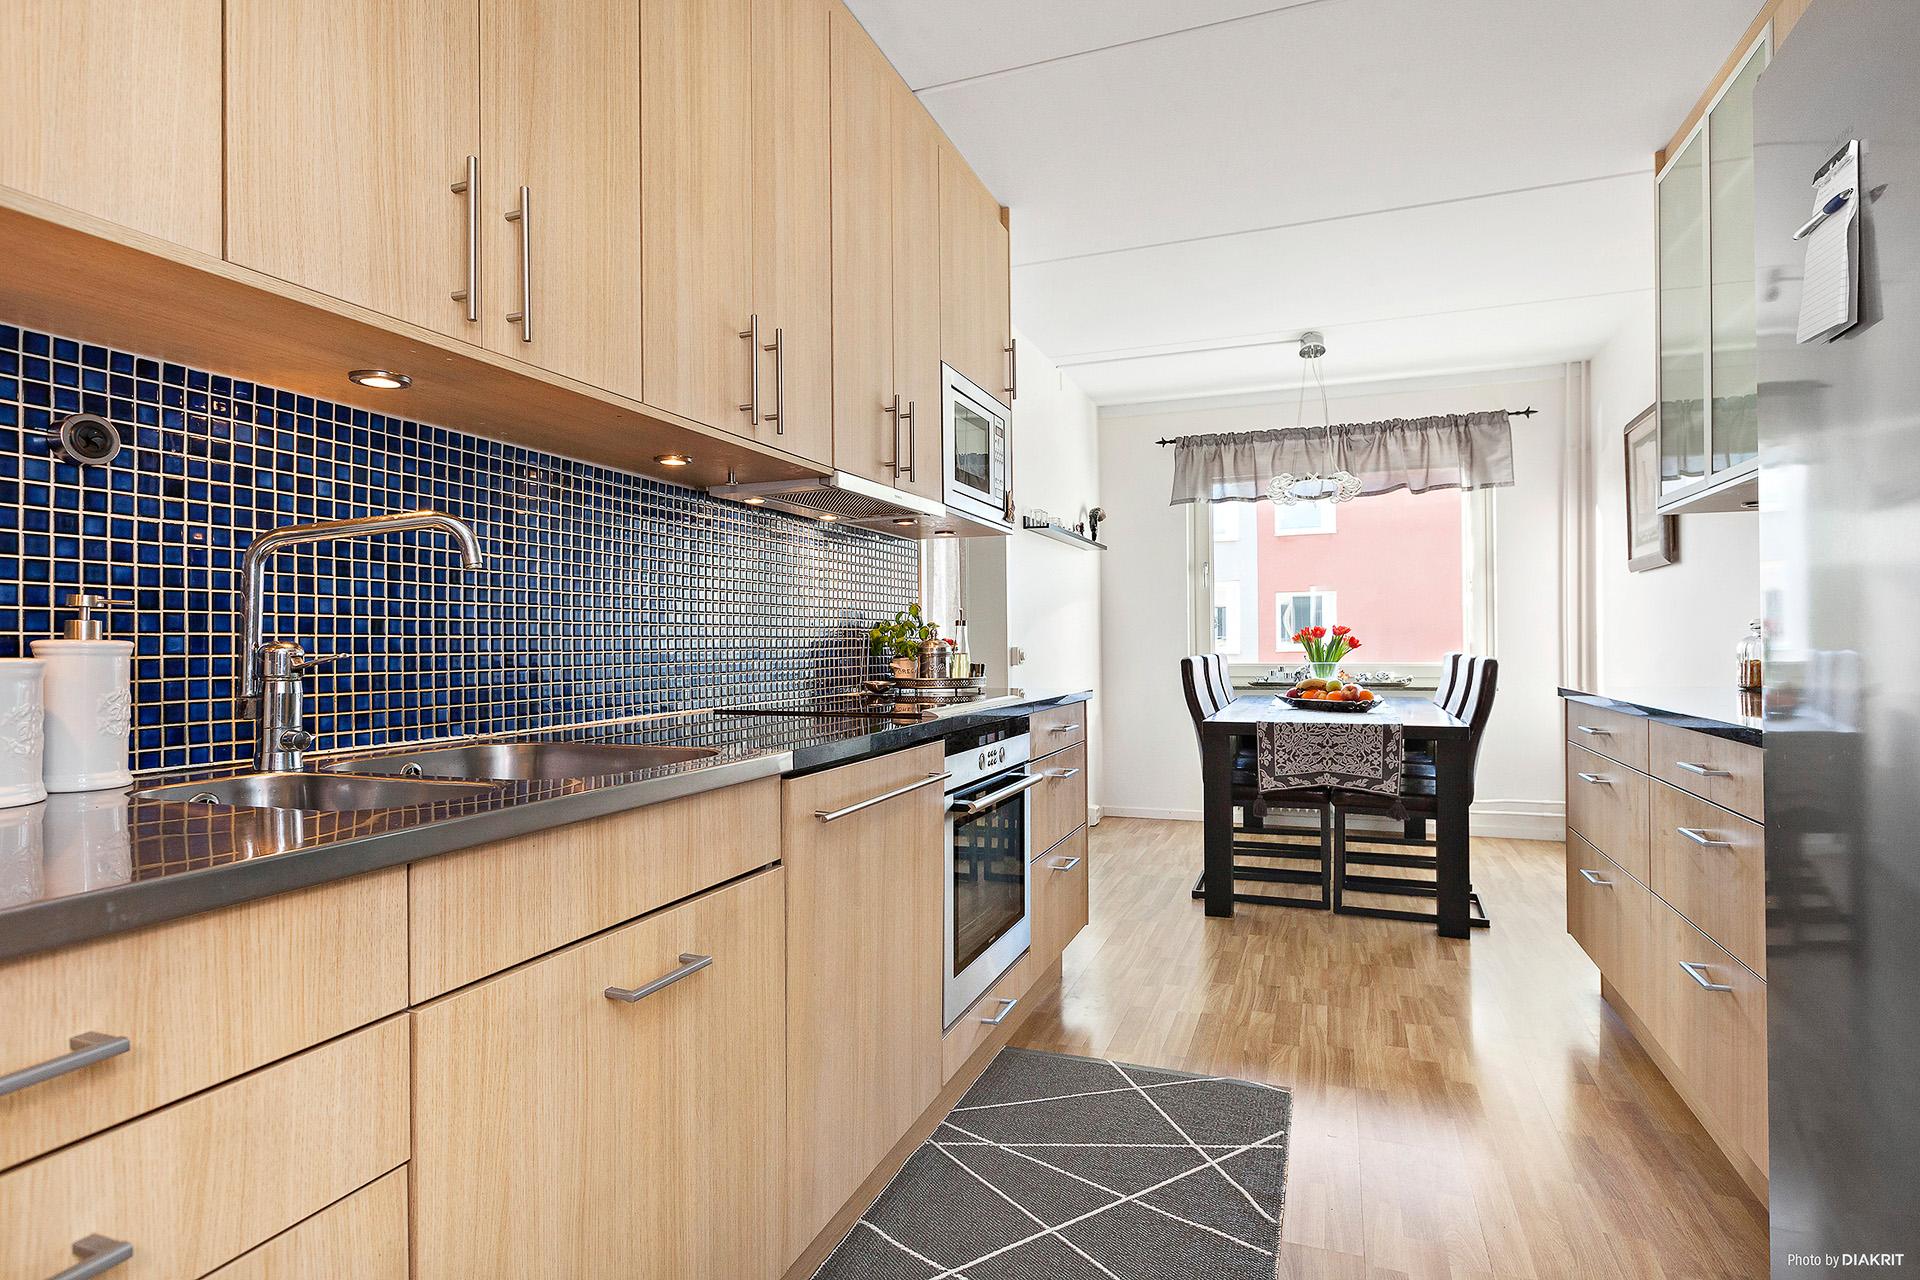 Köket med matplats invid fönster och öppning in till vardagsrummet.